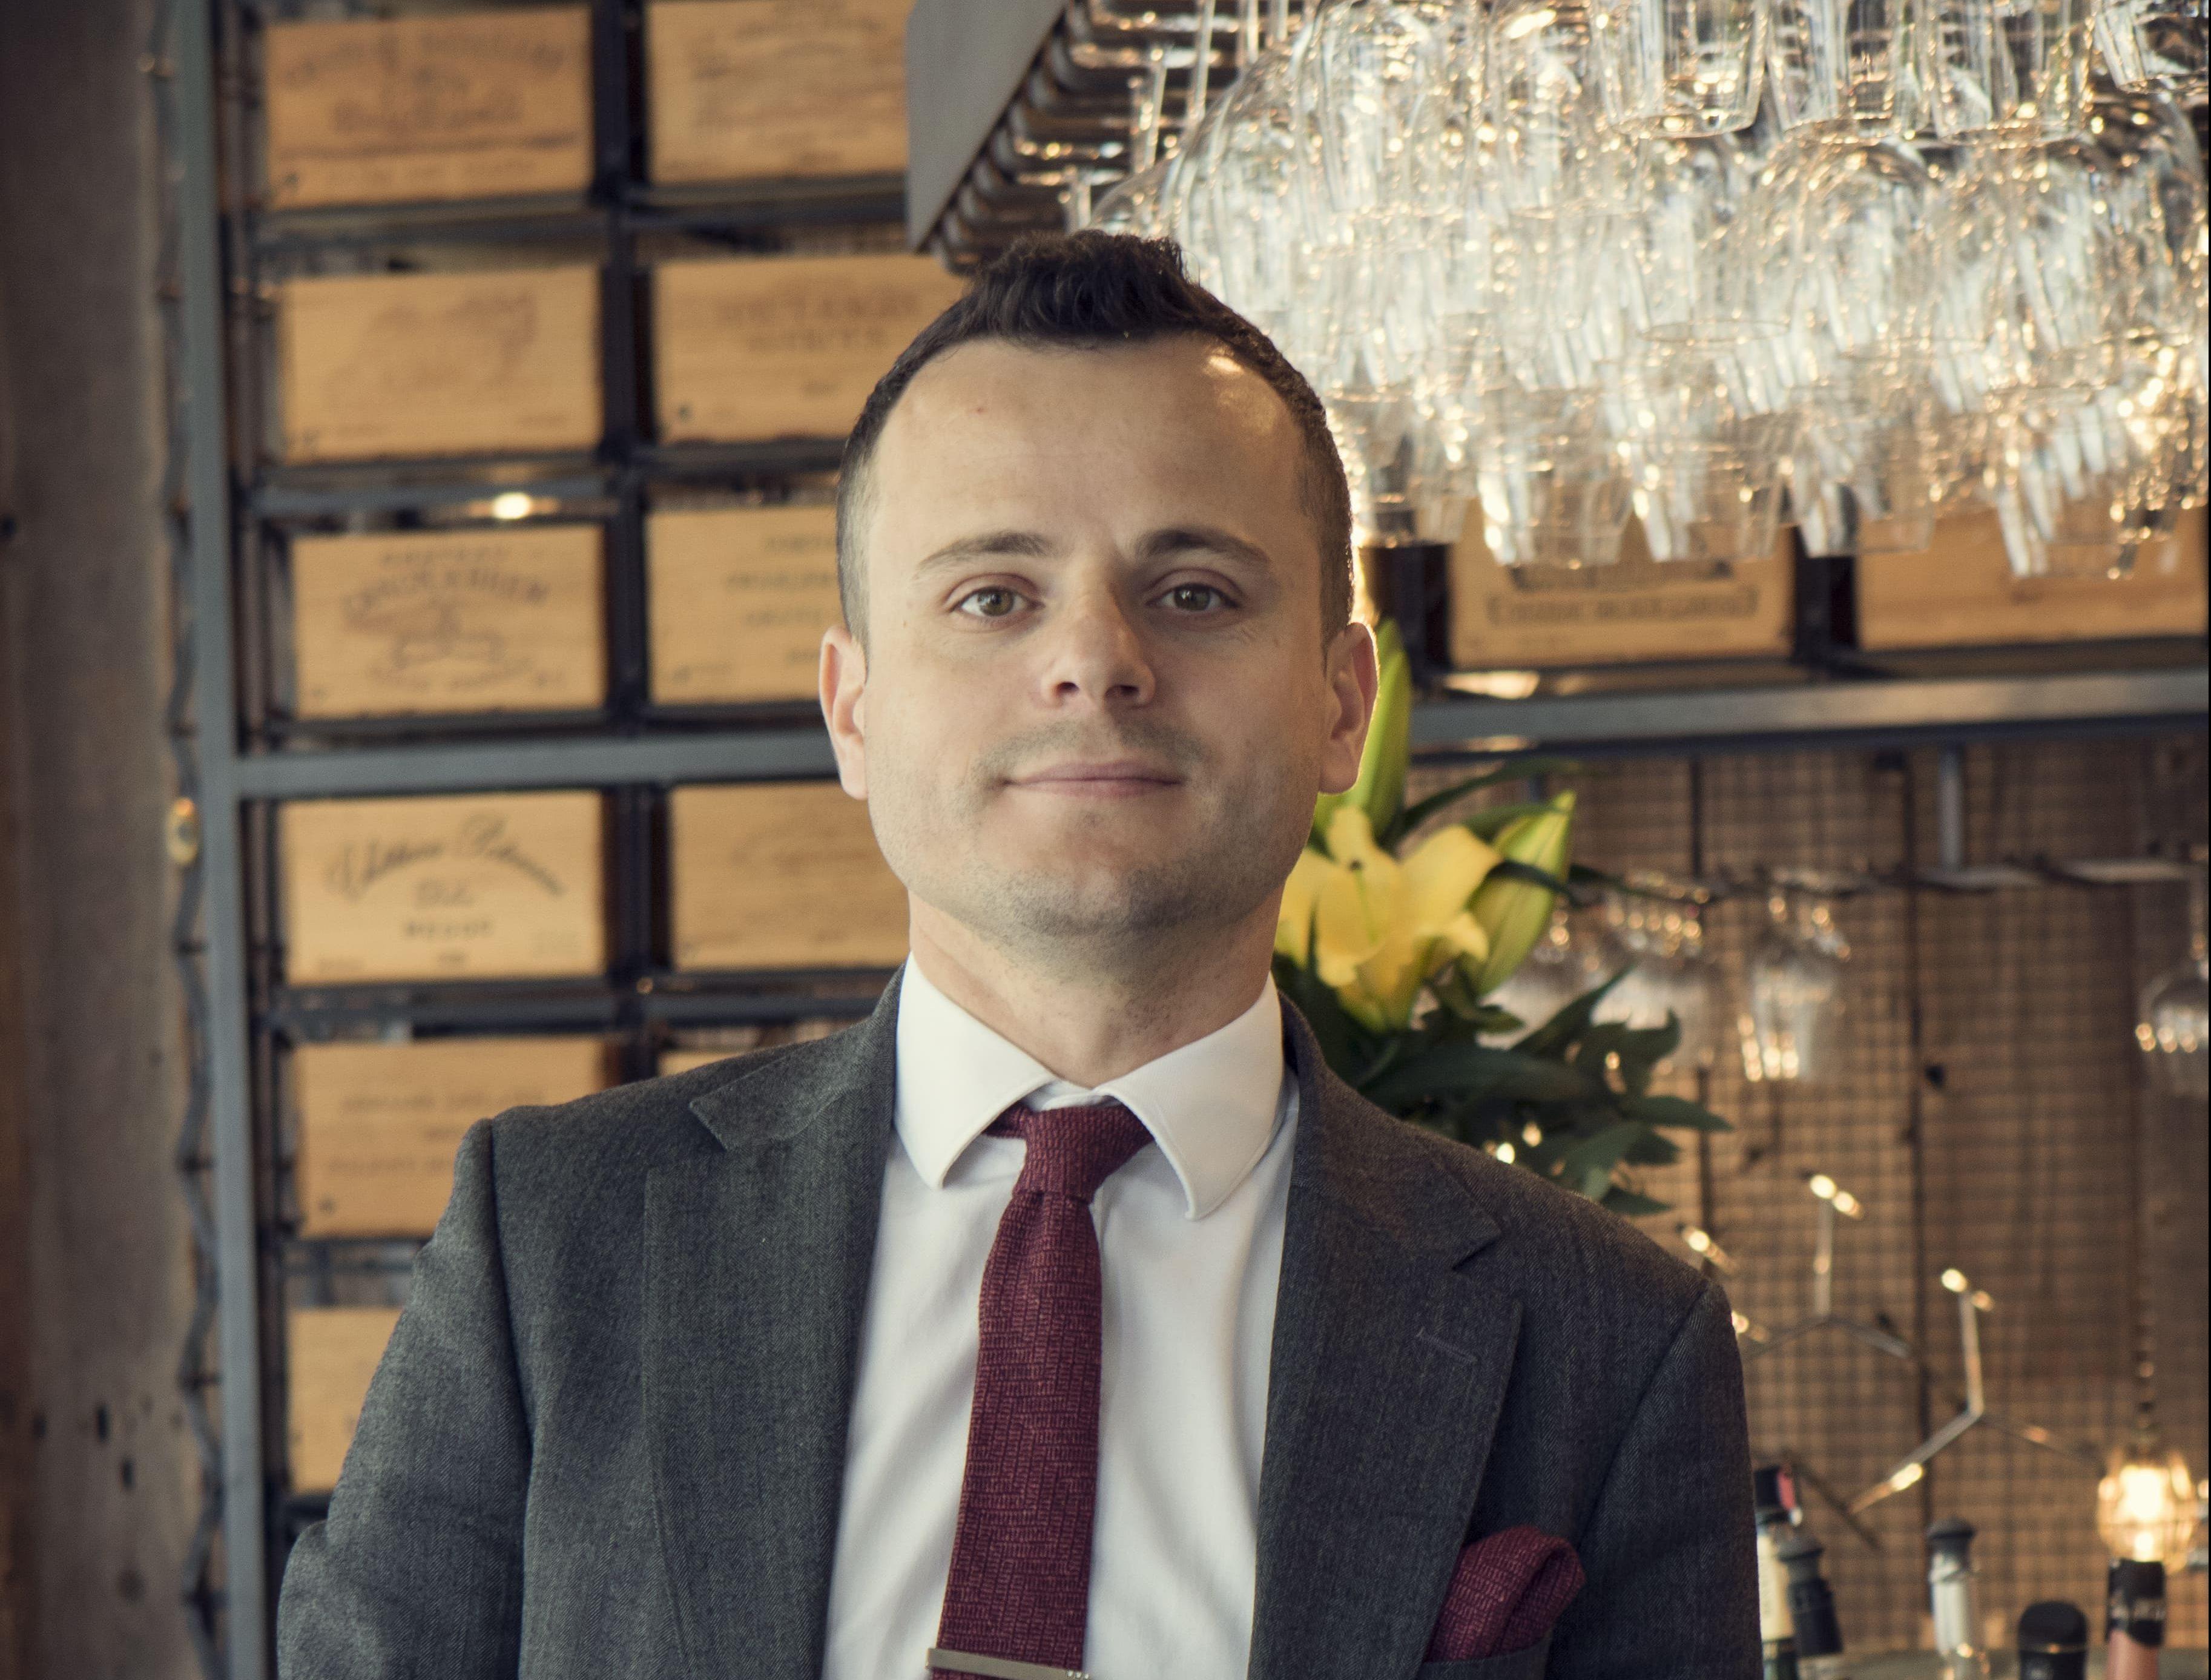 Emiliano Isufi